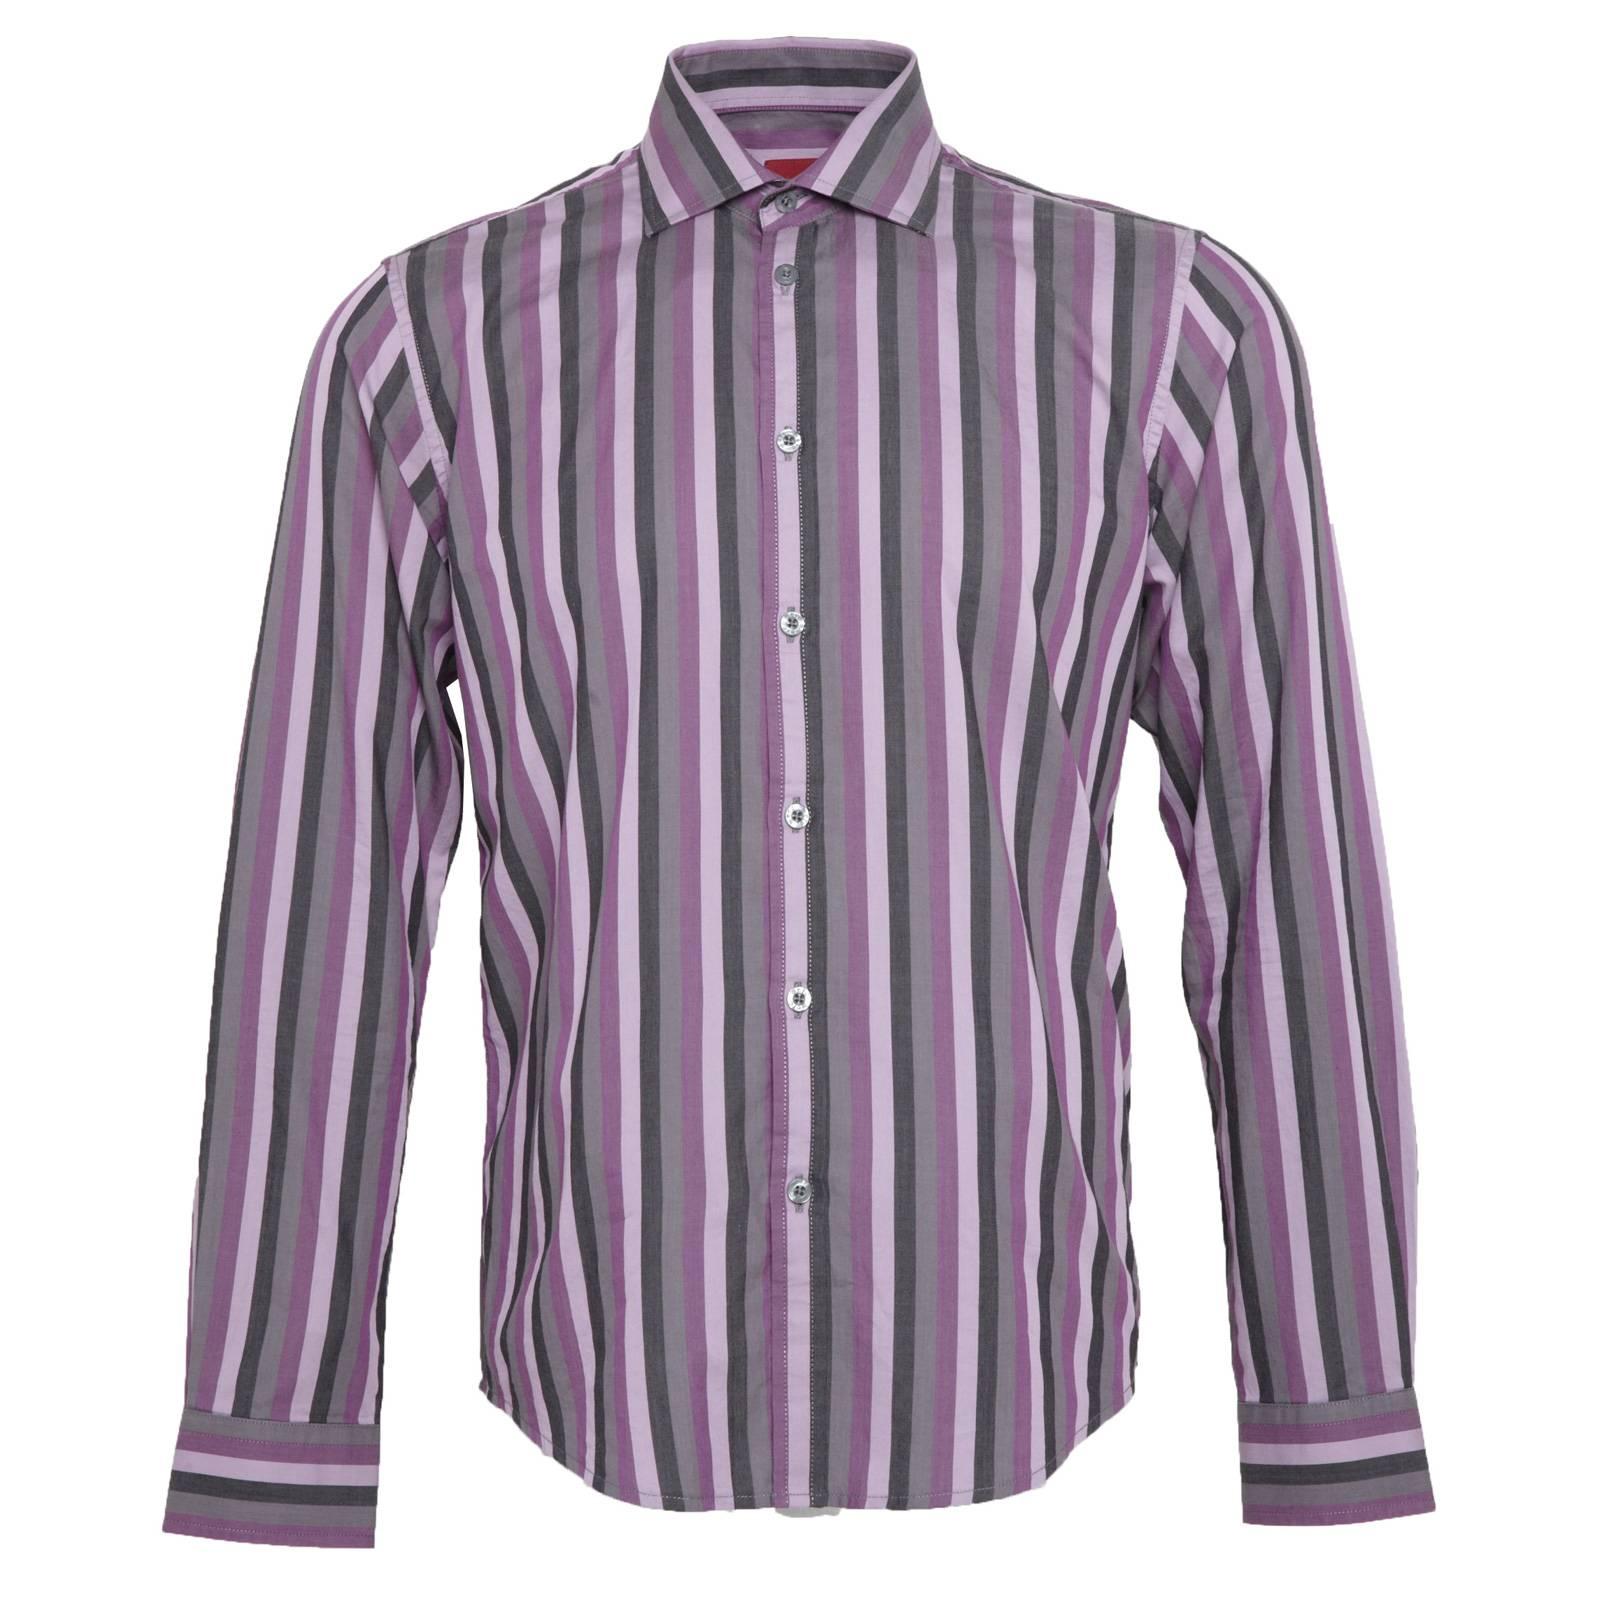 Рубашка HamptonРубашки<br>Классическая мужская рубашка из мягкой, приятной на ощупь рубашечной ткани поплин - подходящий вариант для строго делового лука. Классический отложной воротник с заостренными и направленными чуть в стороны концами, укрепленными с оборотной стороны специальными эластичными вкладышами, идеально подходит для большого и среднего по объему галстучного узла. Задний подол сорочки для более комфортной и надежной заправки в брюки немного удлинен. Красивое, приглушенное сочетание цветов узора в узкую полоску делают эту рубашку хорошей парой для черного, серого или синего пиджаков.<br><br>Артикул: 1511209<br>Материал: 100% хлопок<br>Цвет: вишневый<br>Пол: Мужской